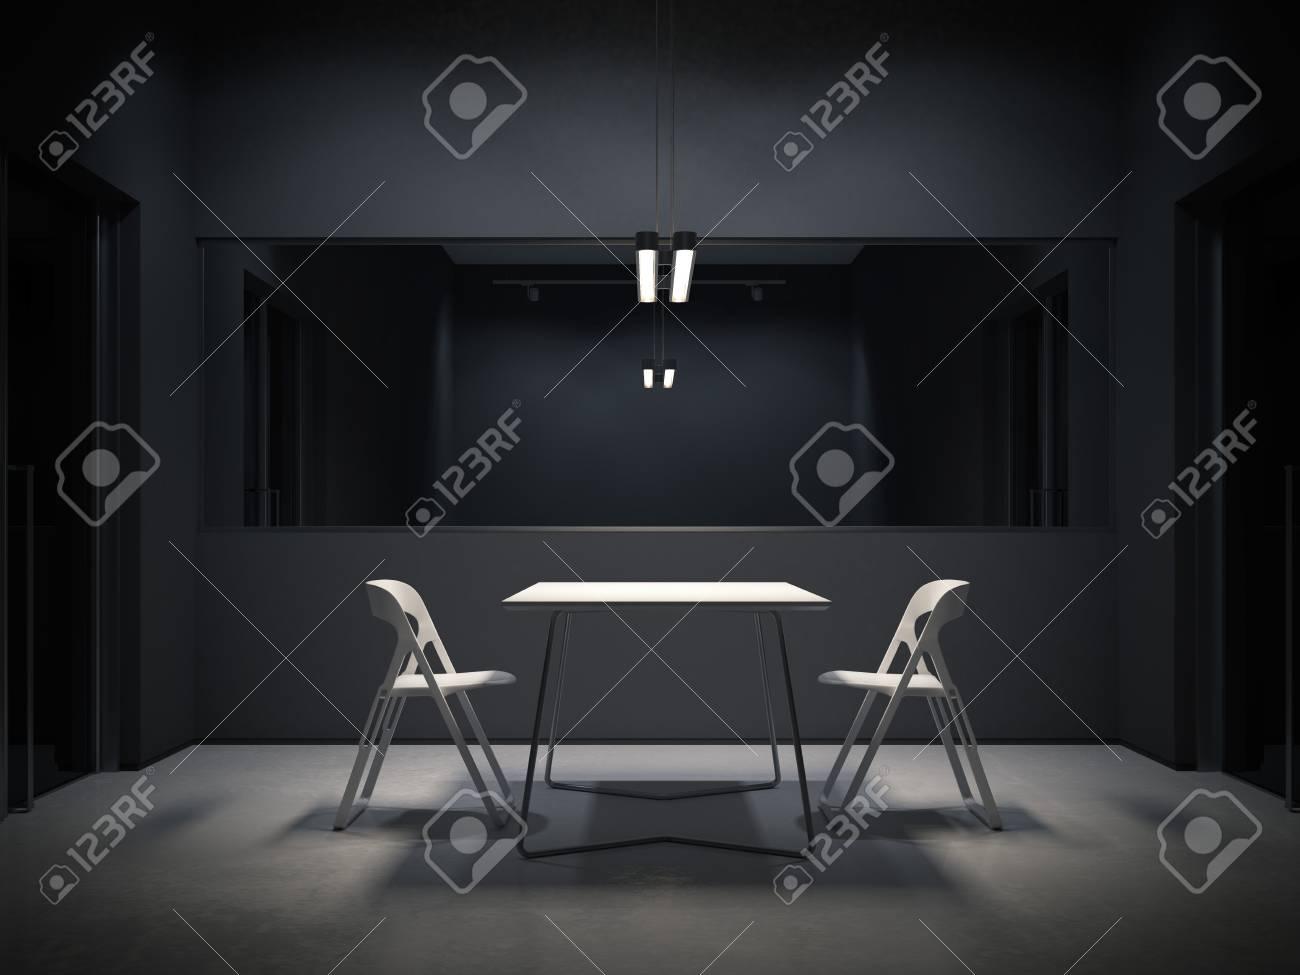 Dark room for interrogation. 3d rendering - 90148996